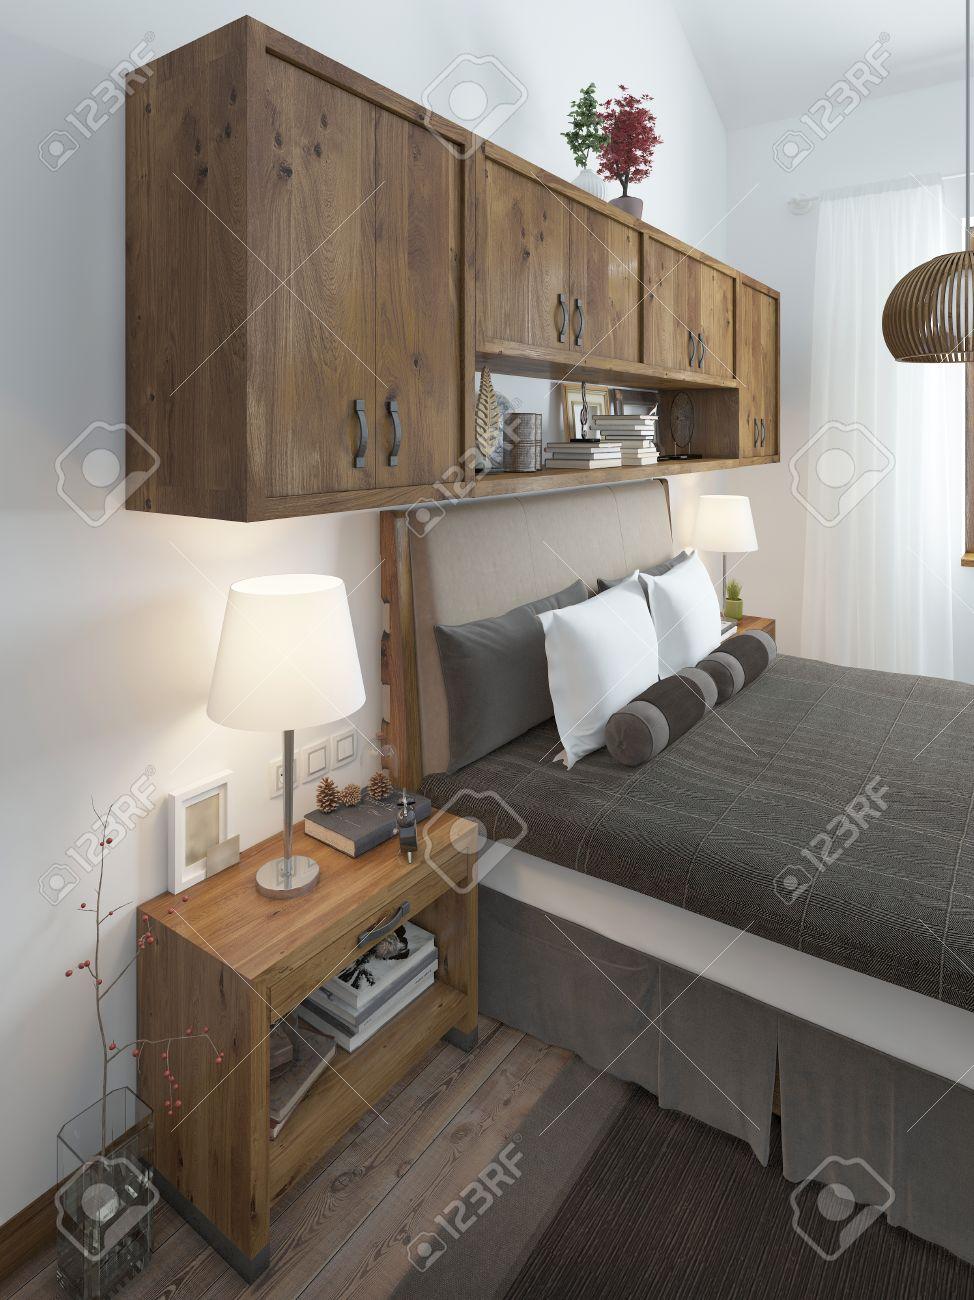 tête du lit avec des oreillers et des tables de chevet. au-dessus du